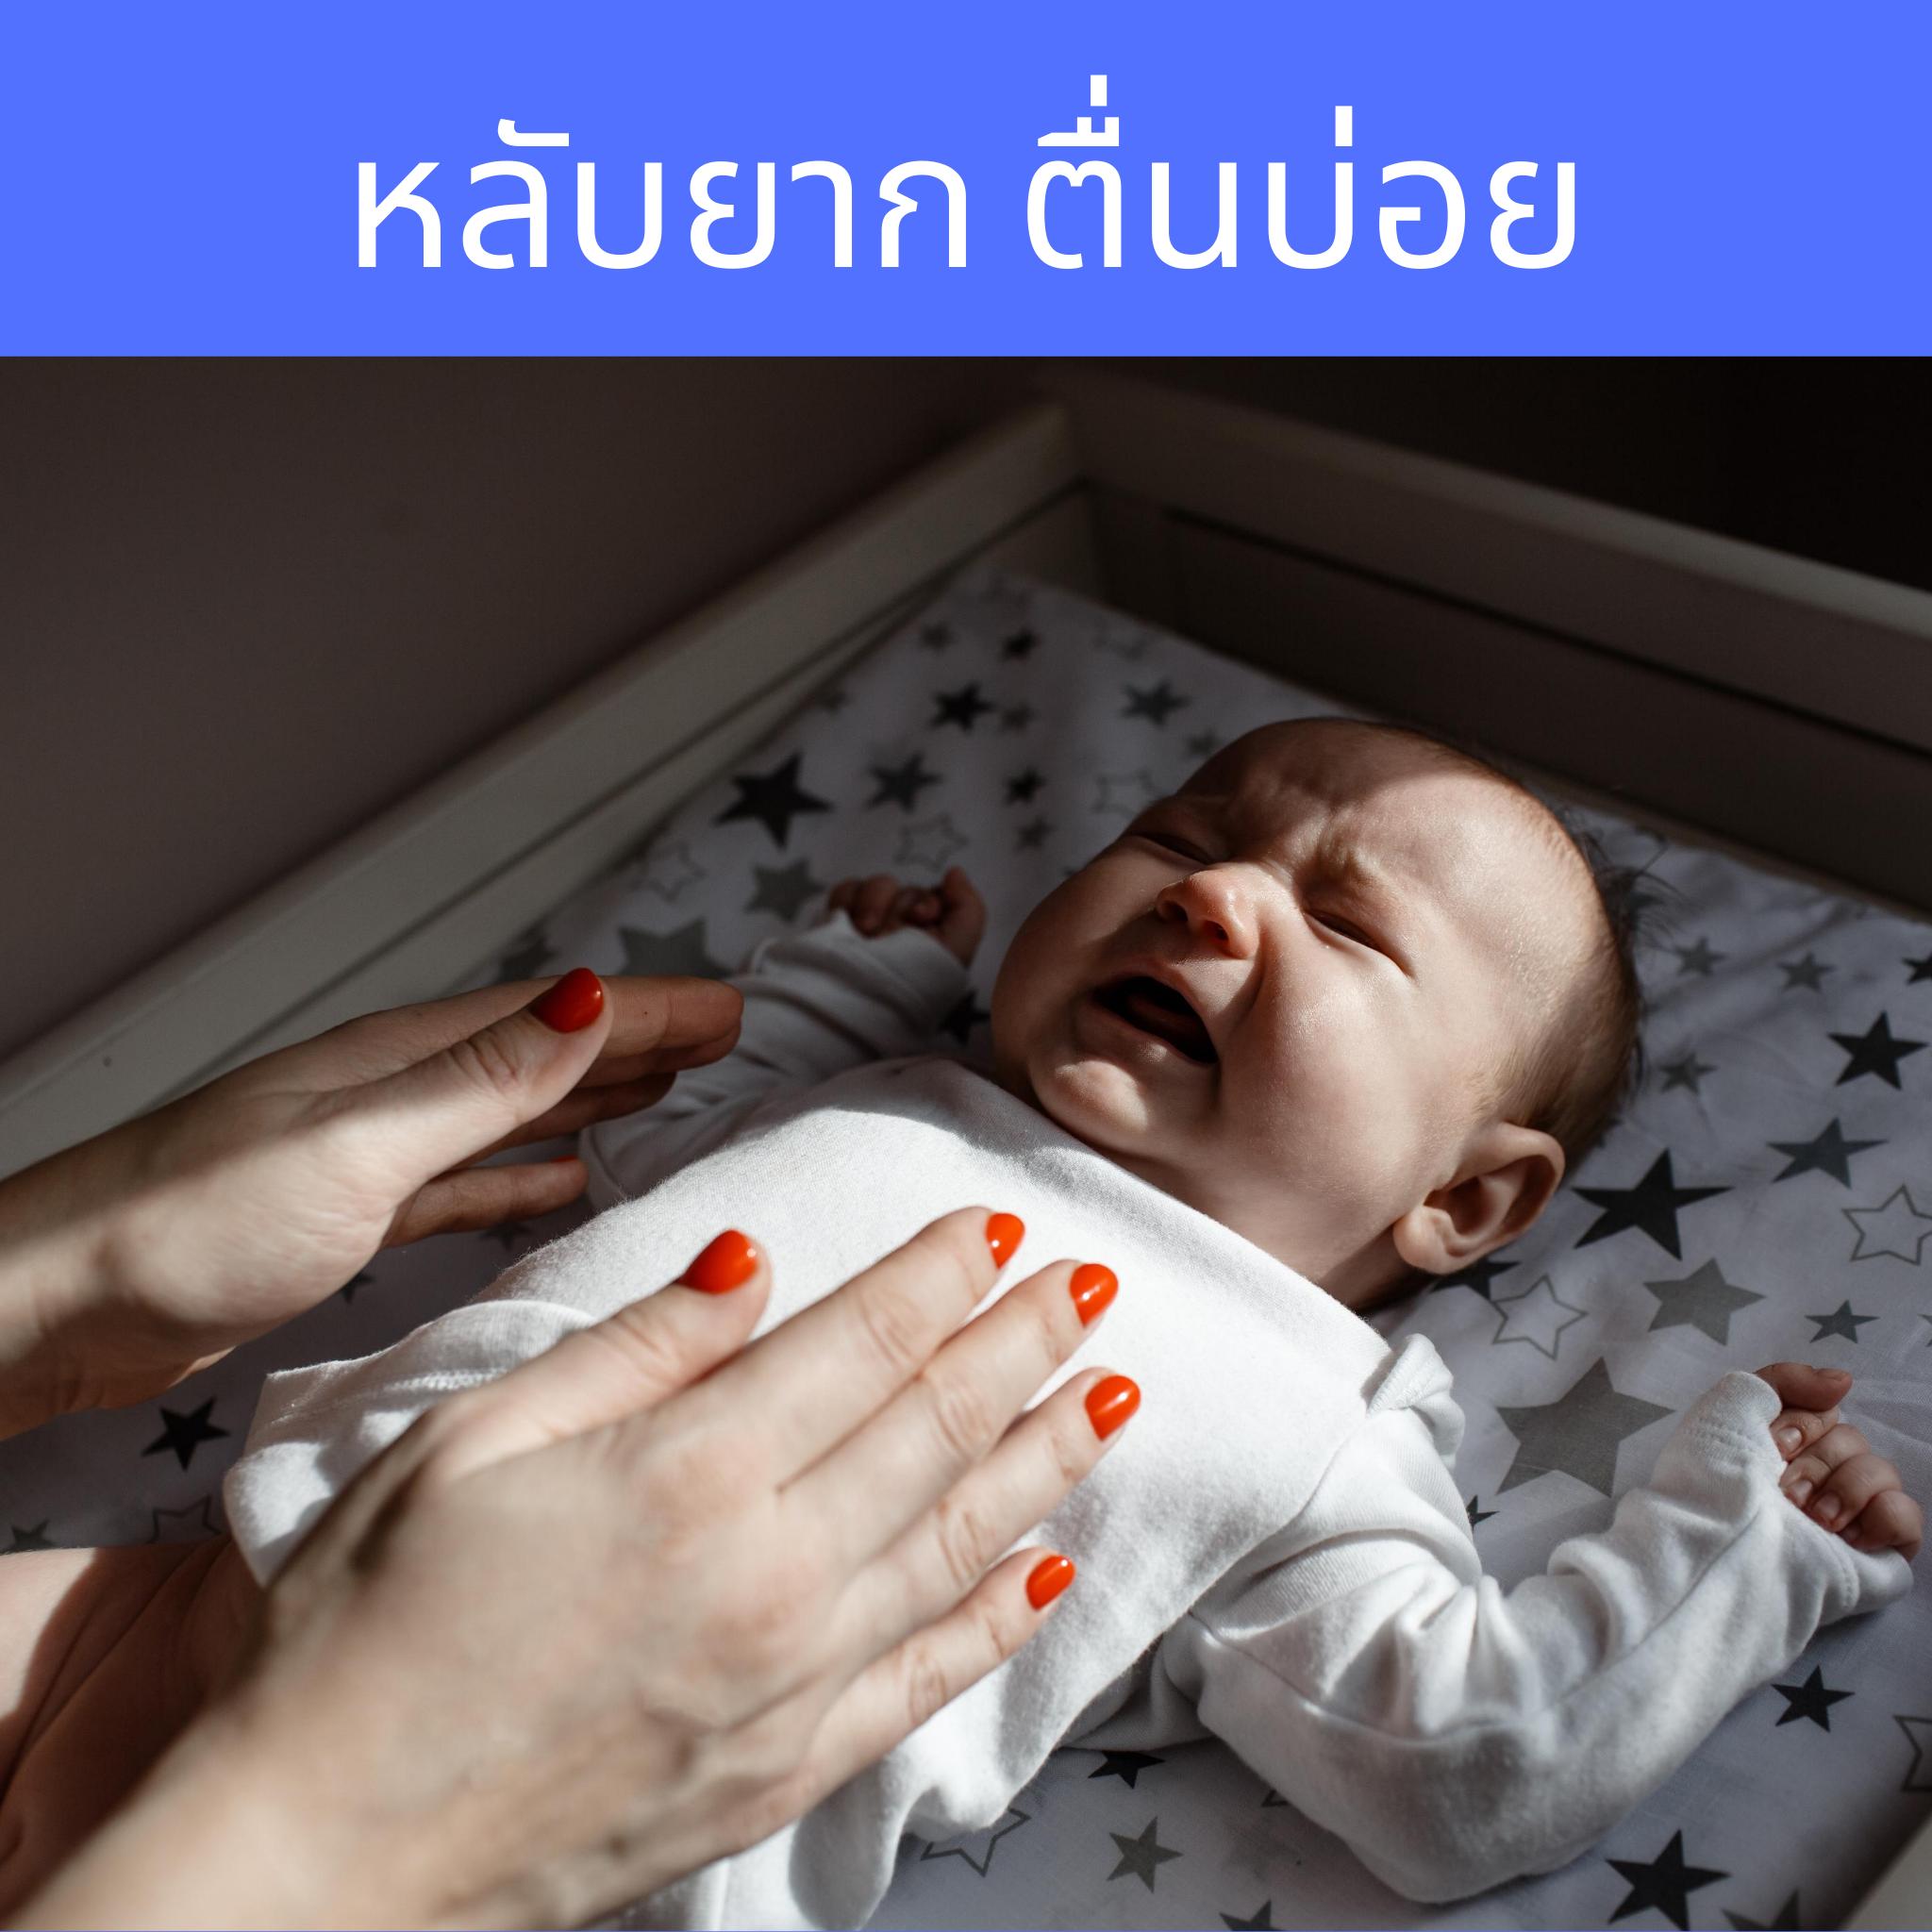 ทารกหลับยาก ตื่นบ่อย